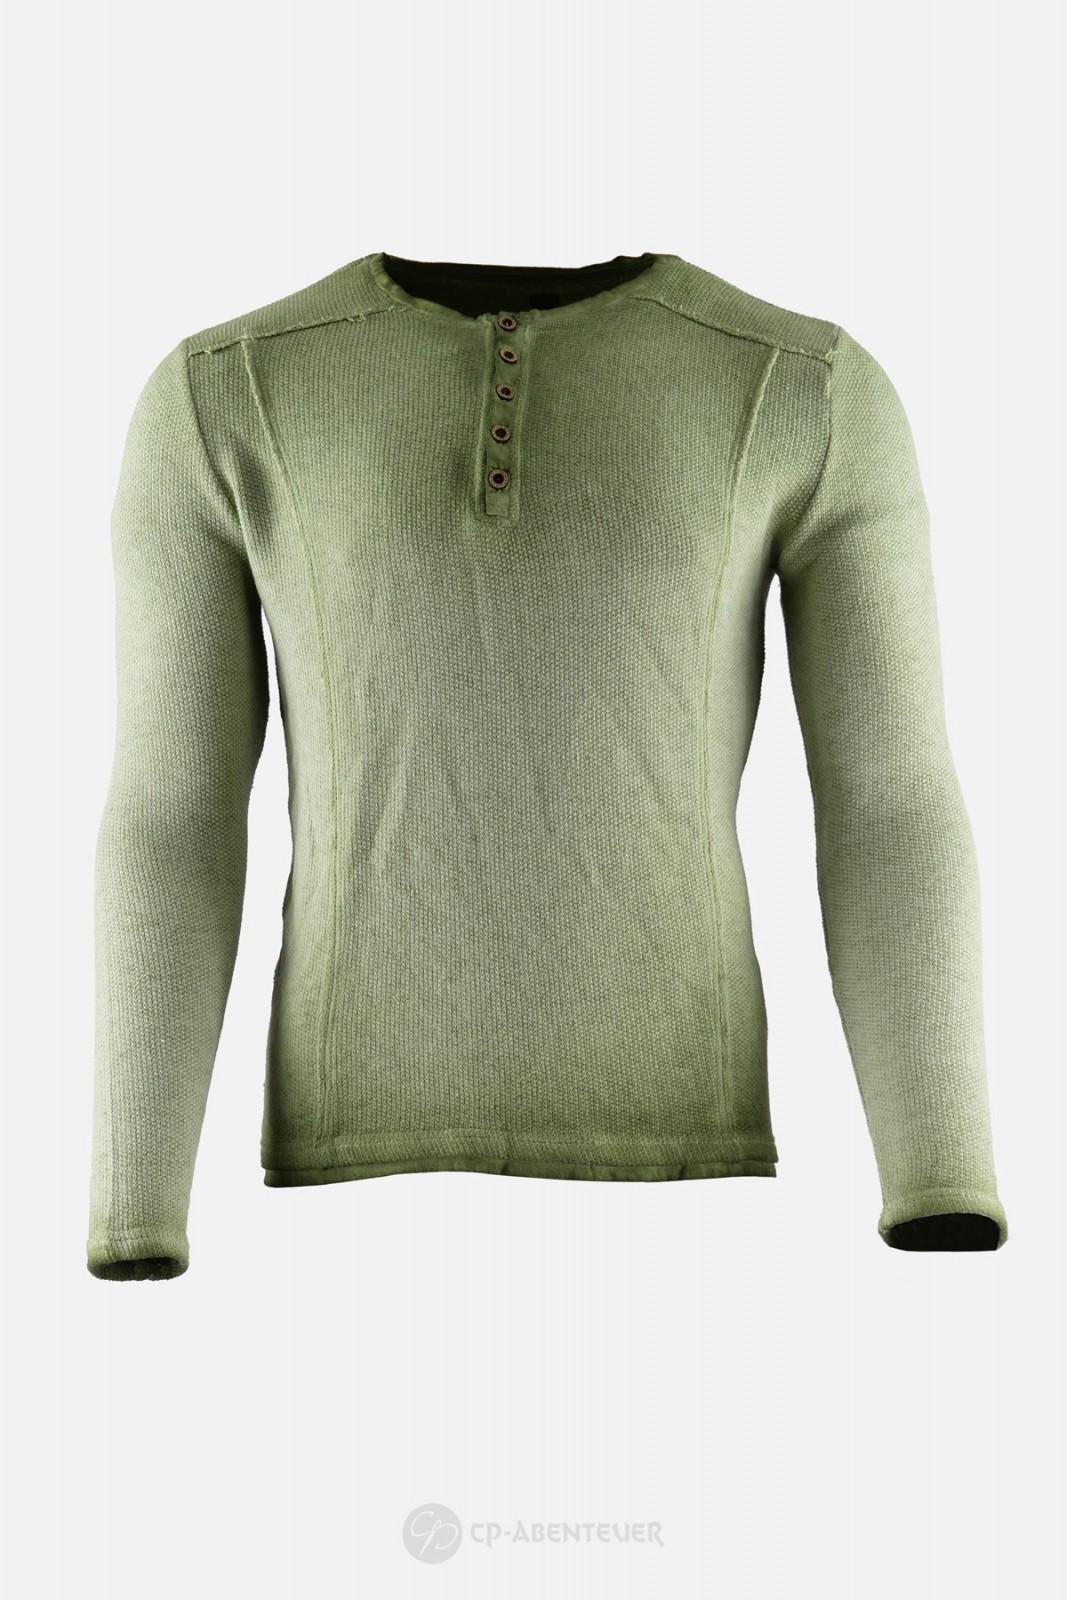 Andvari - Hemd grün